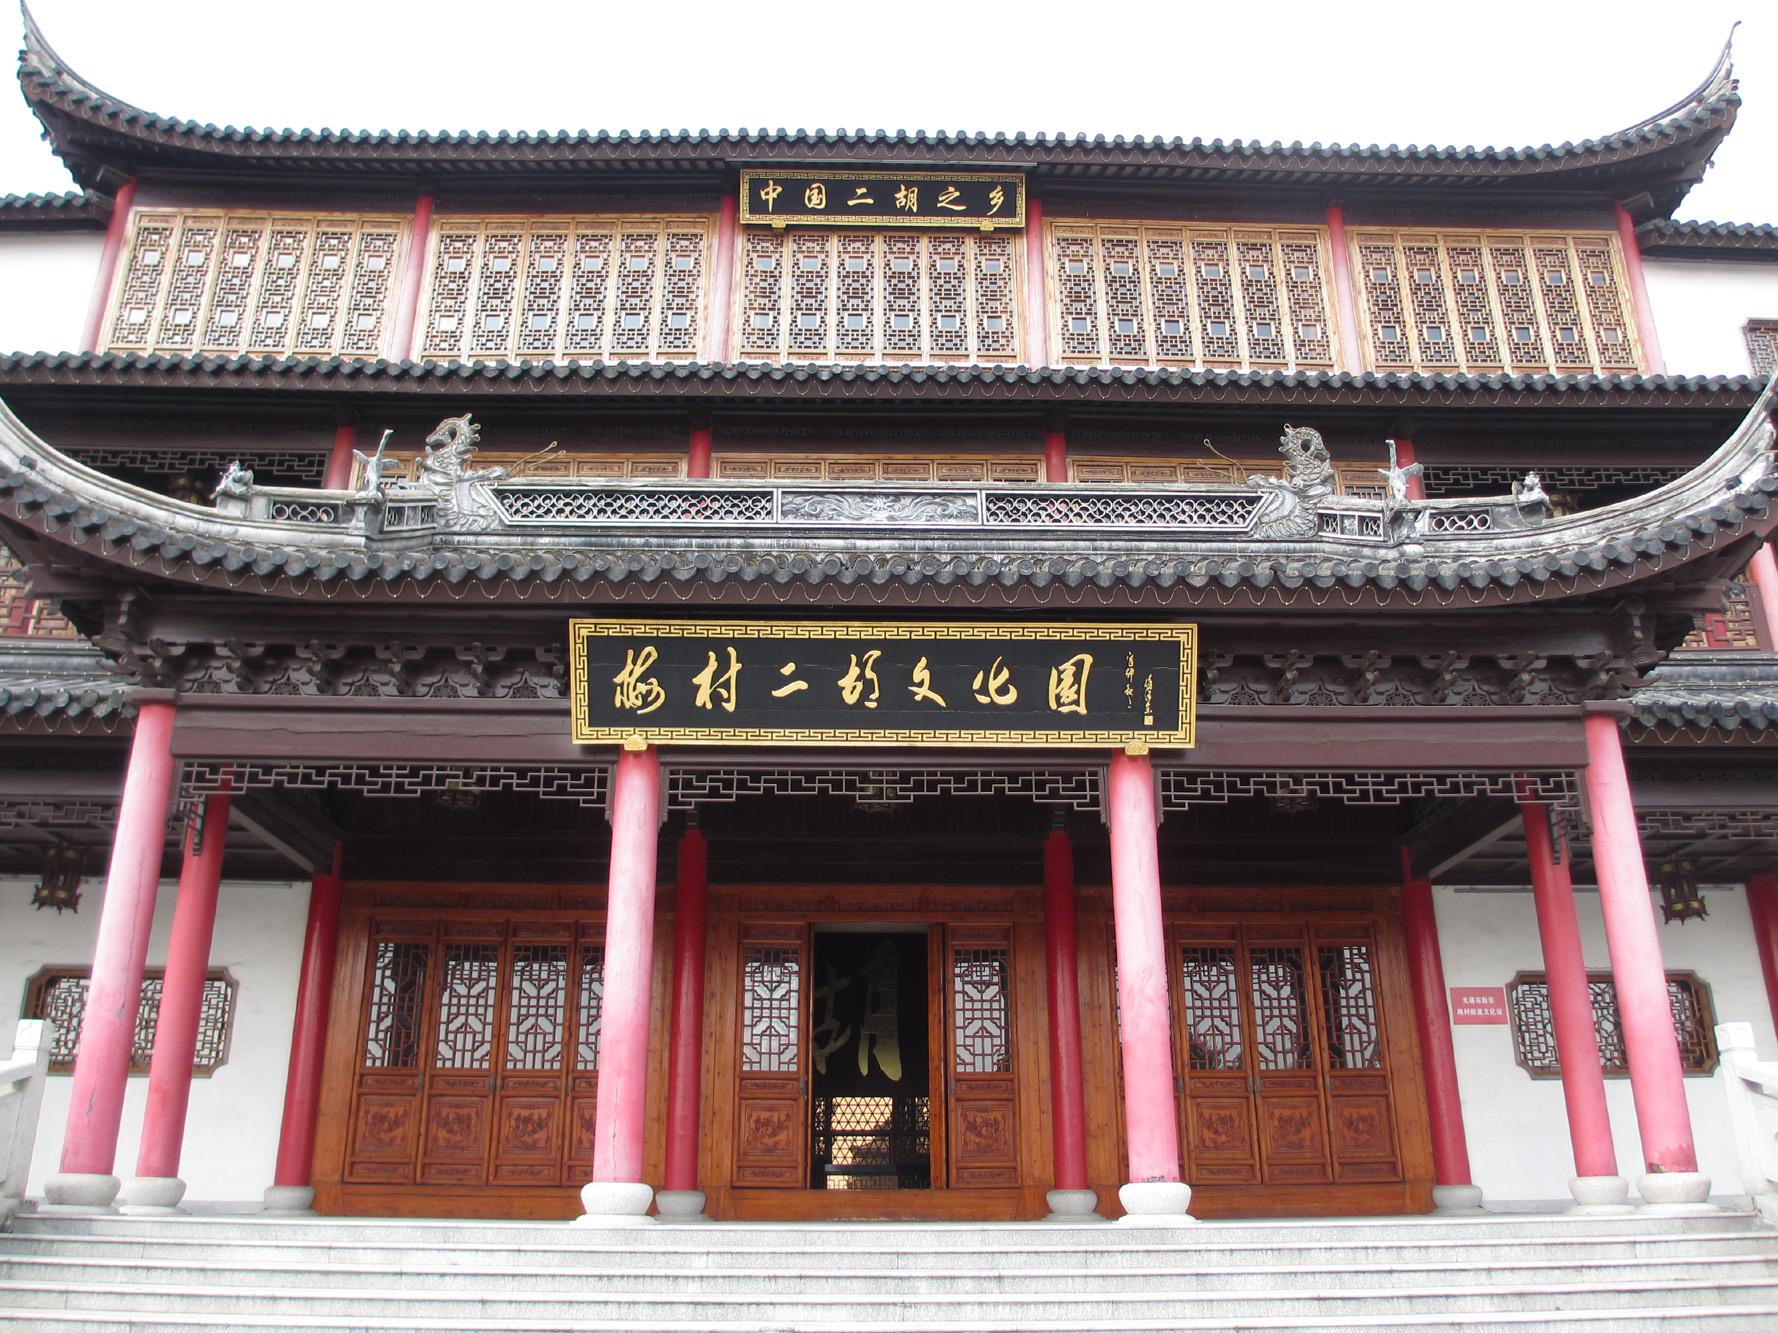 梅村二胡文化園再訪